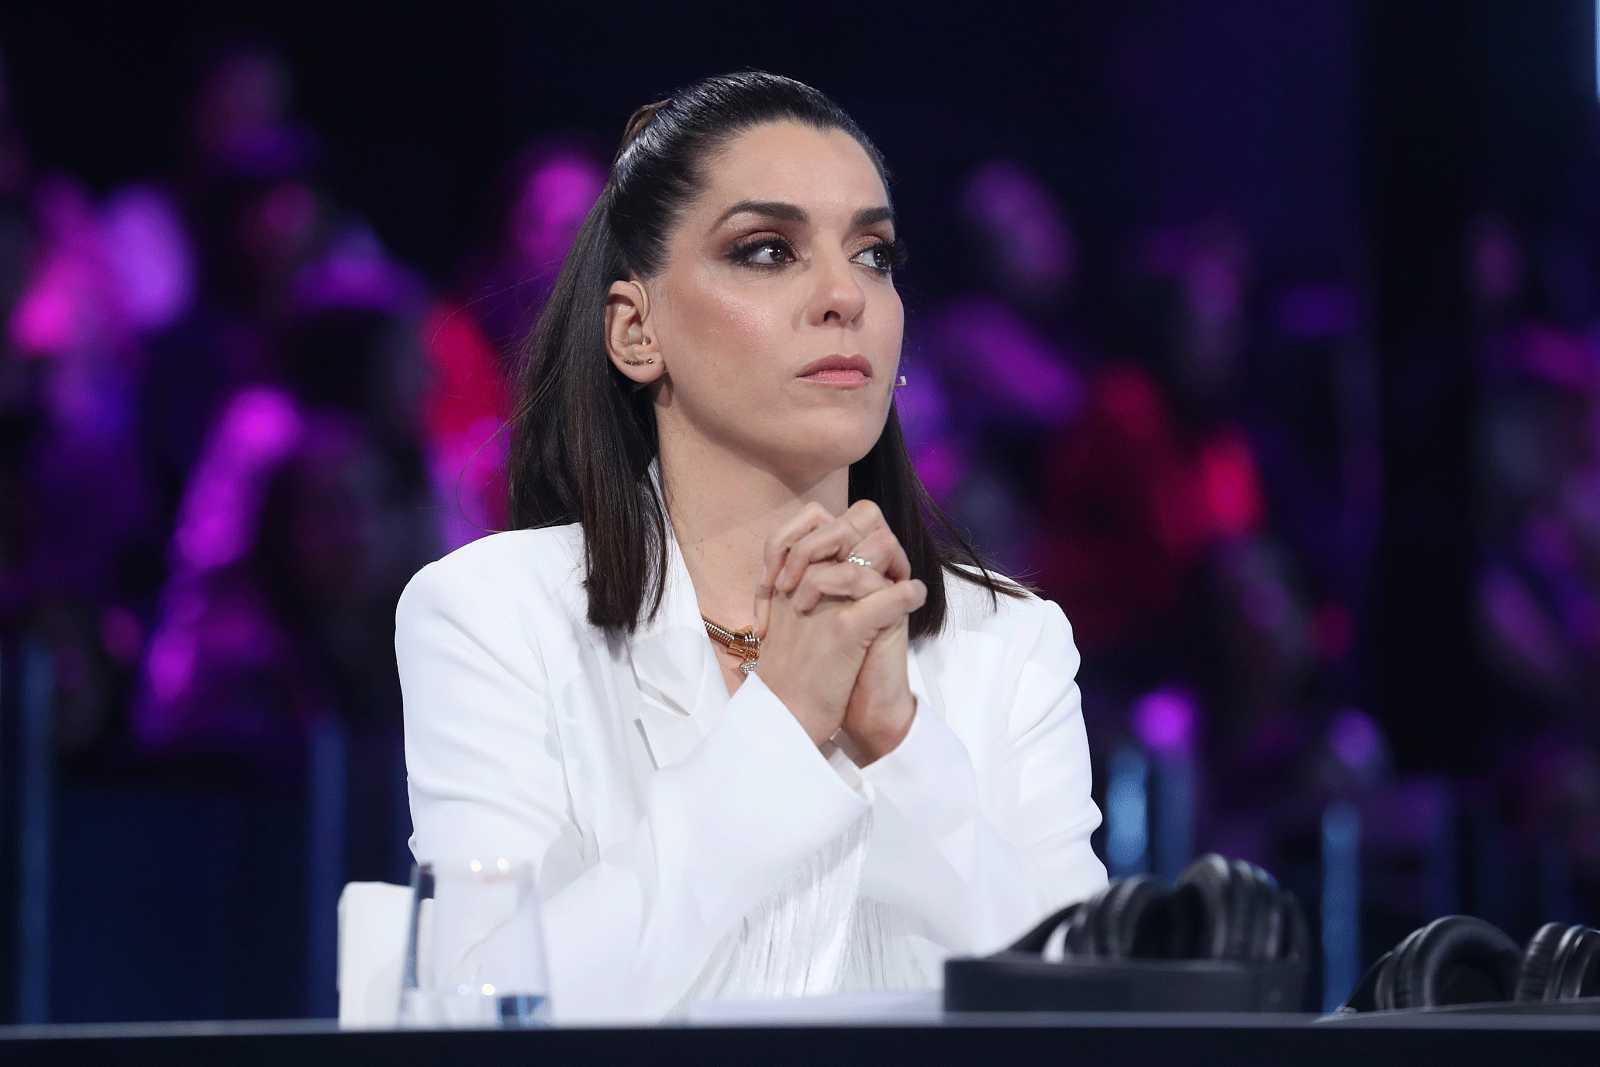 Ruth Lorenzo jurado de OT 2020 en la Gala 5